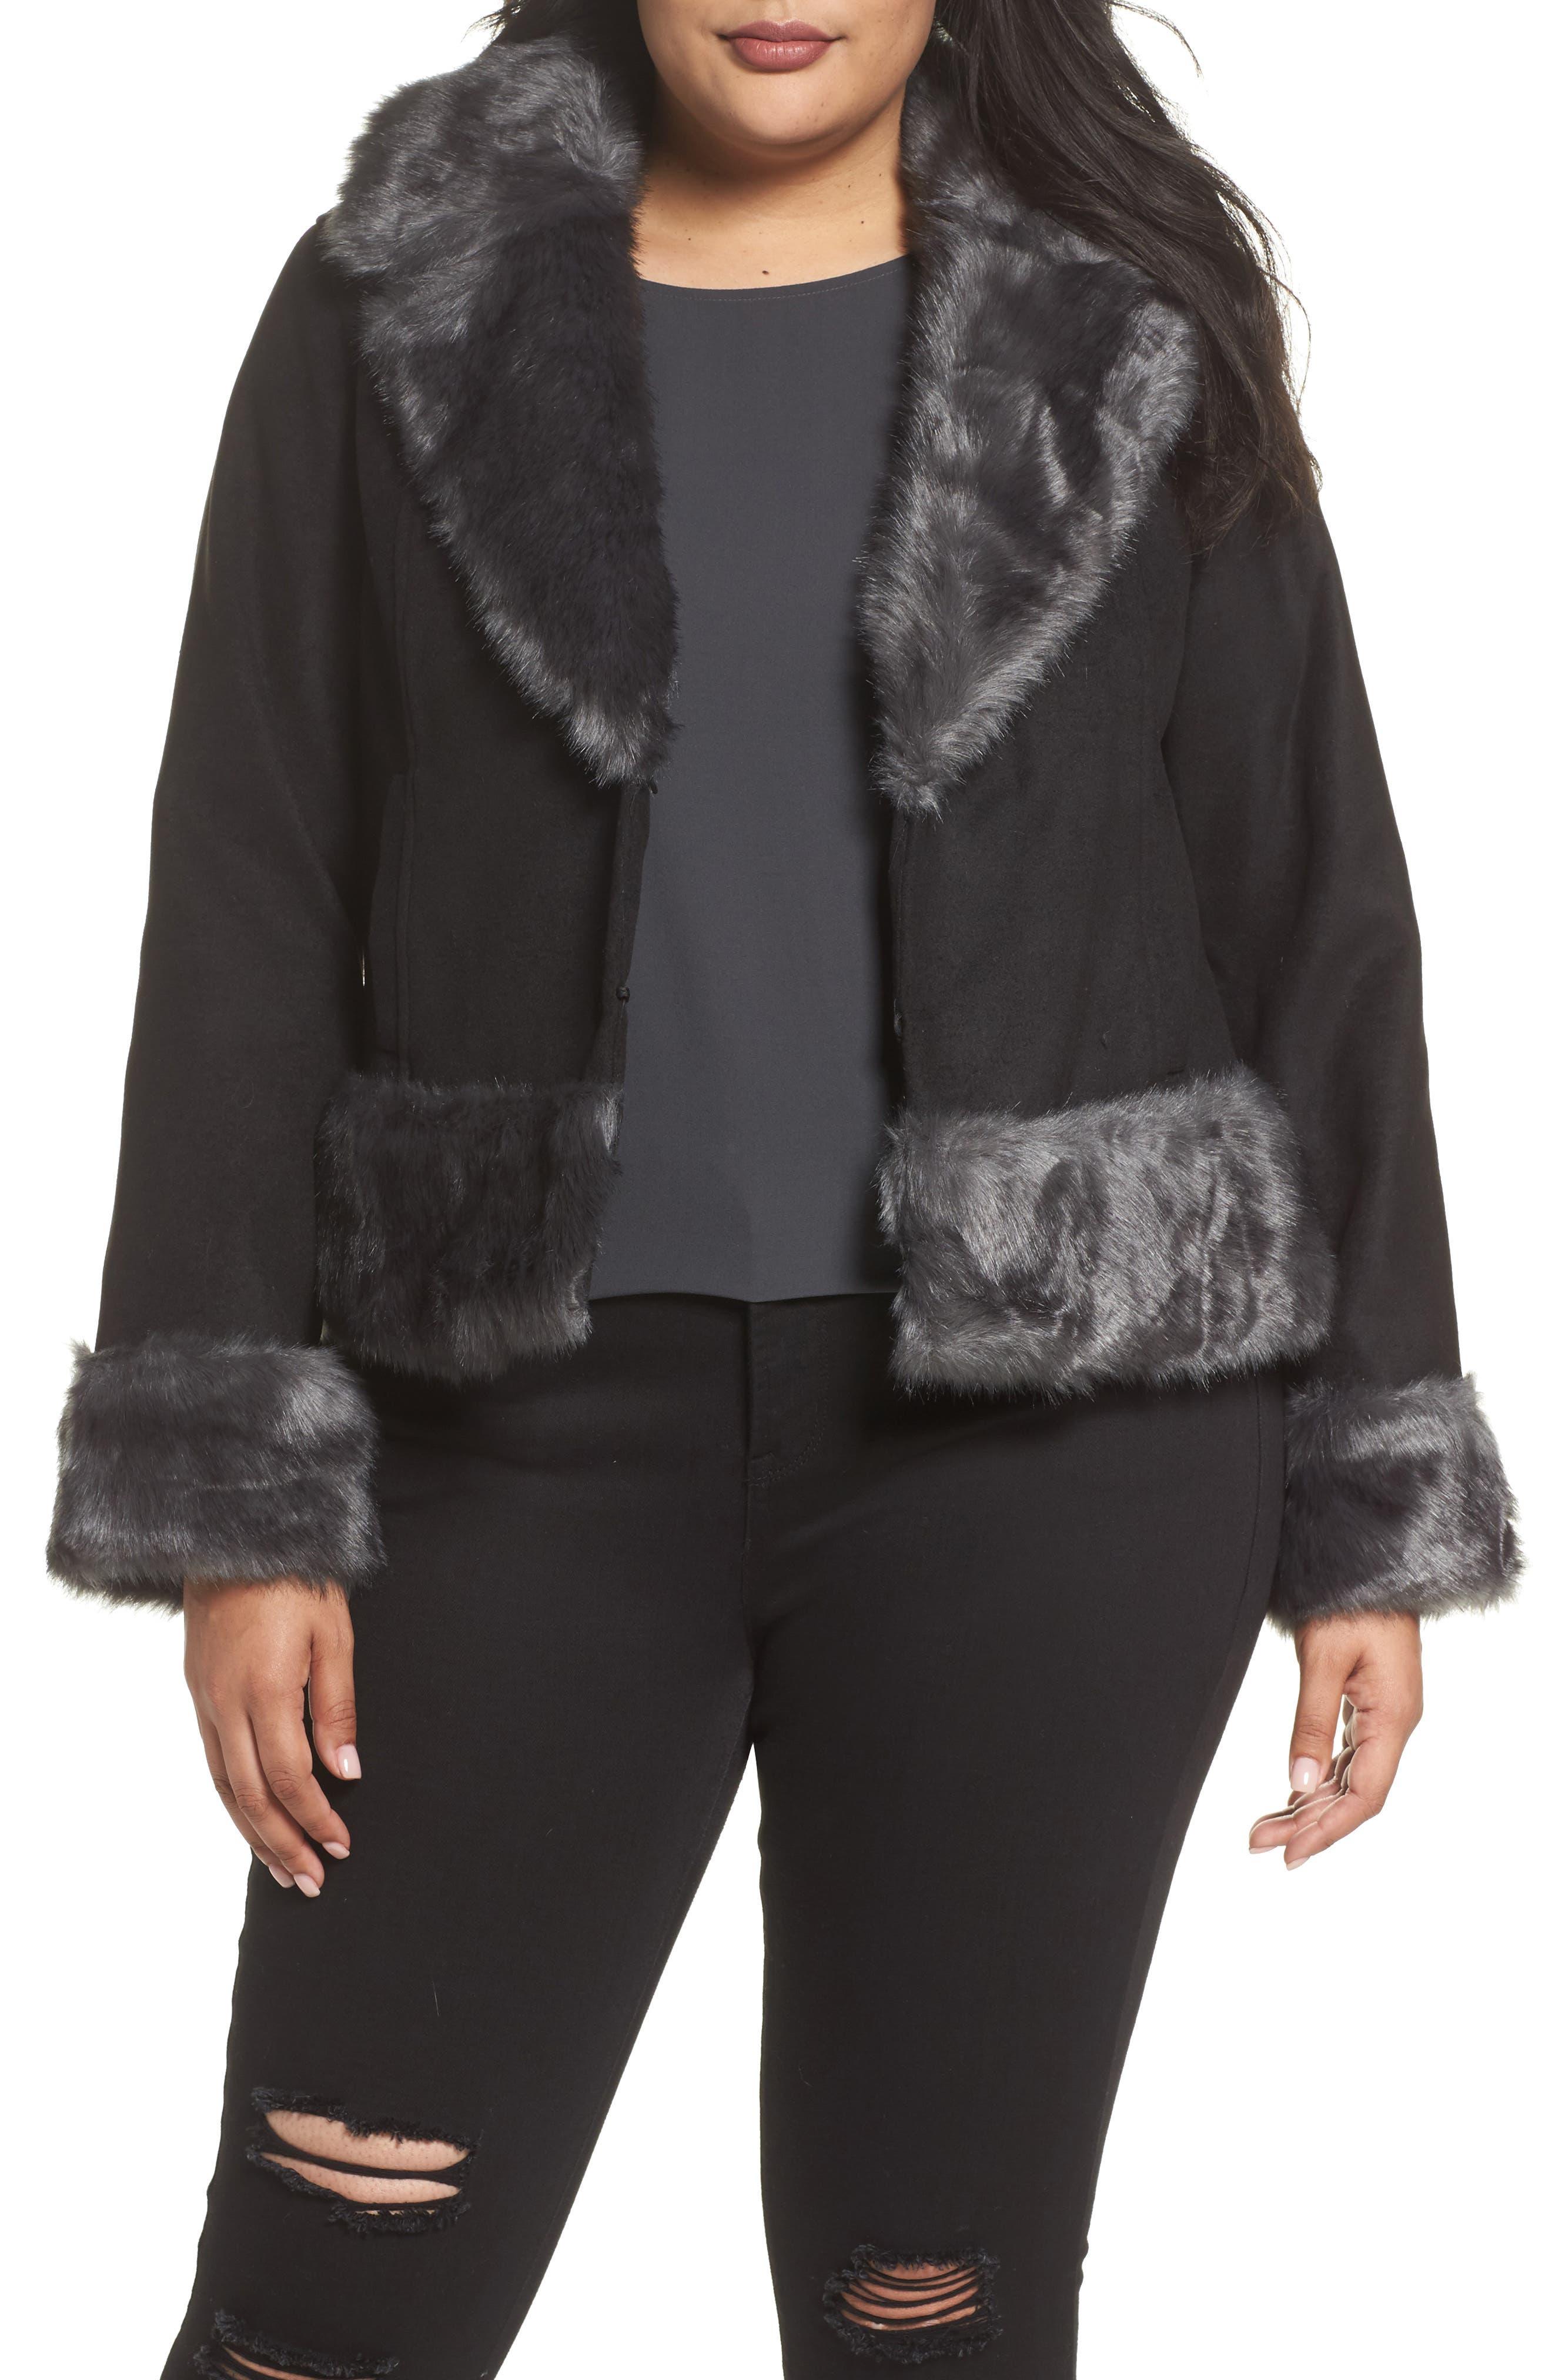 Jacket with Faux Fur Trim,                             Main thumbnail 1, color,                             001